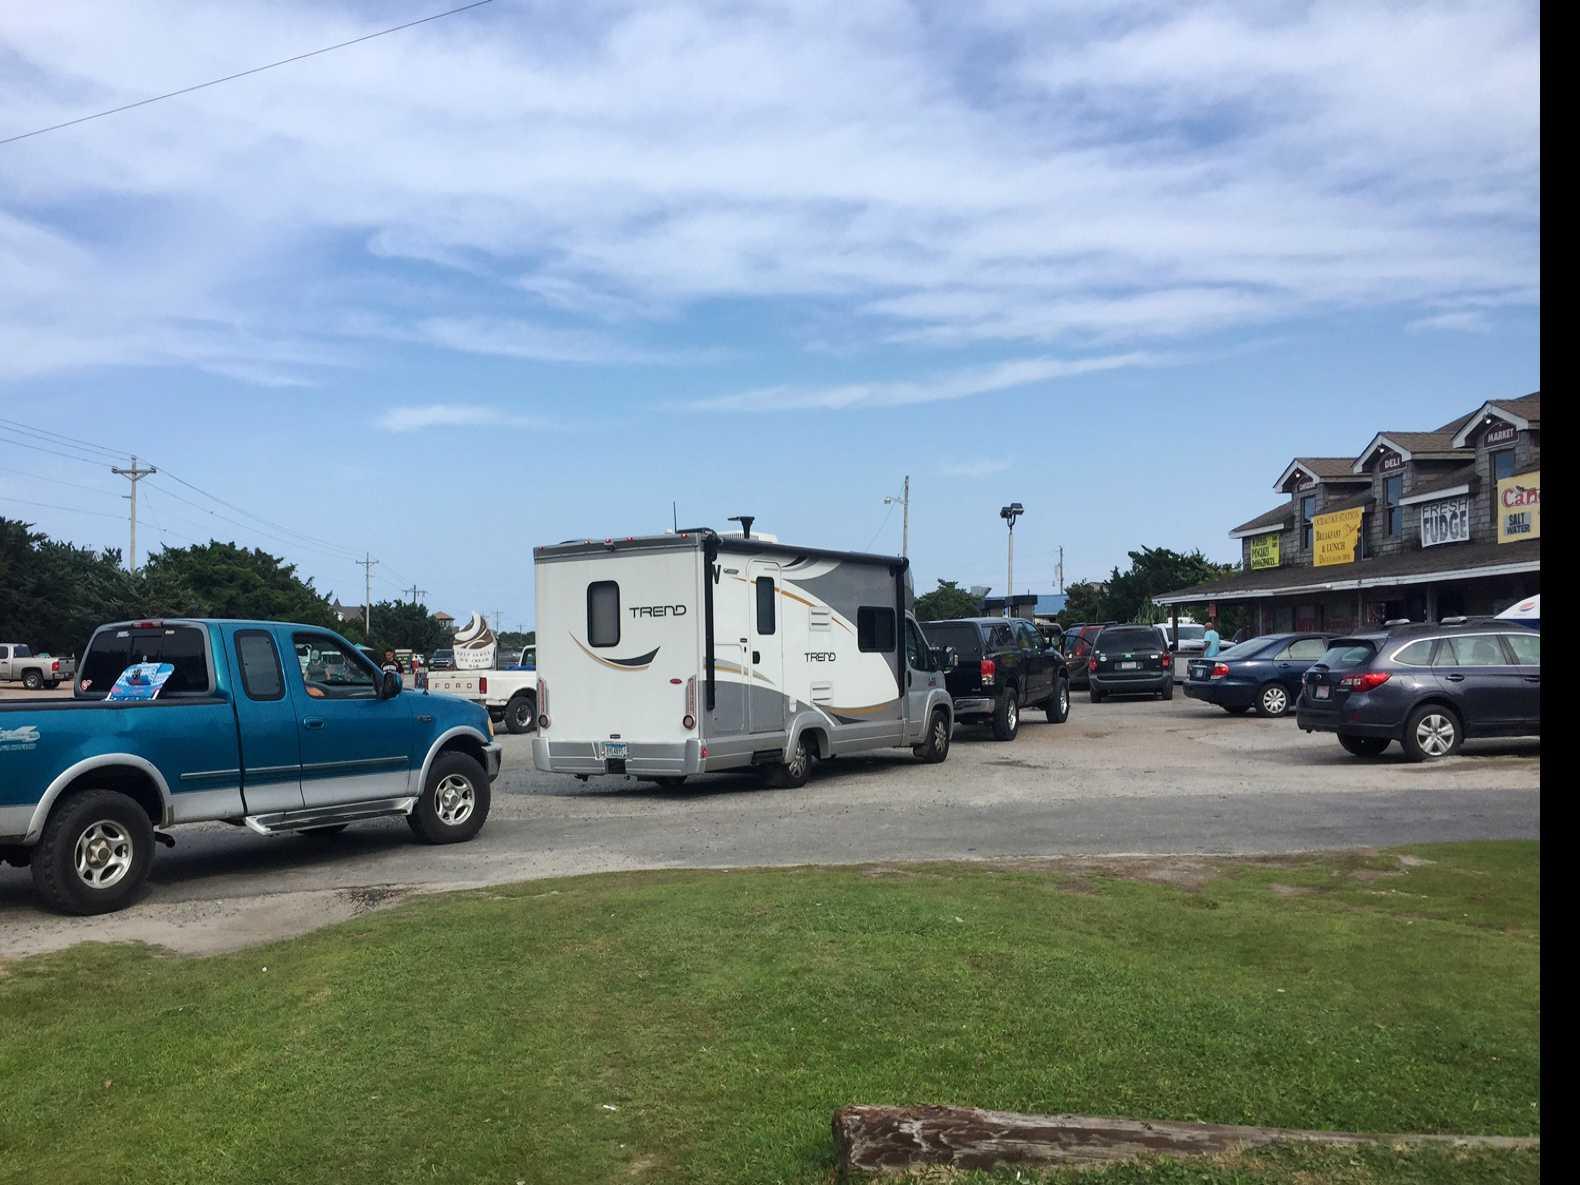 10,000 Tourists to Evacuate N. Carolina Island After Outage